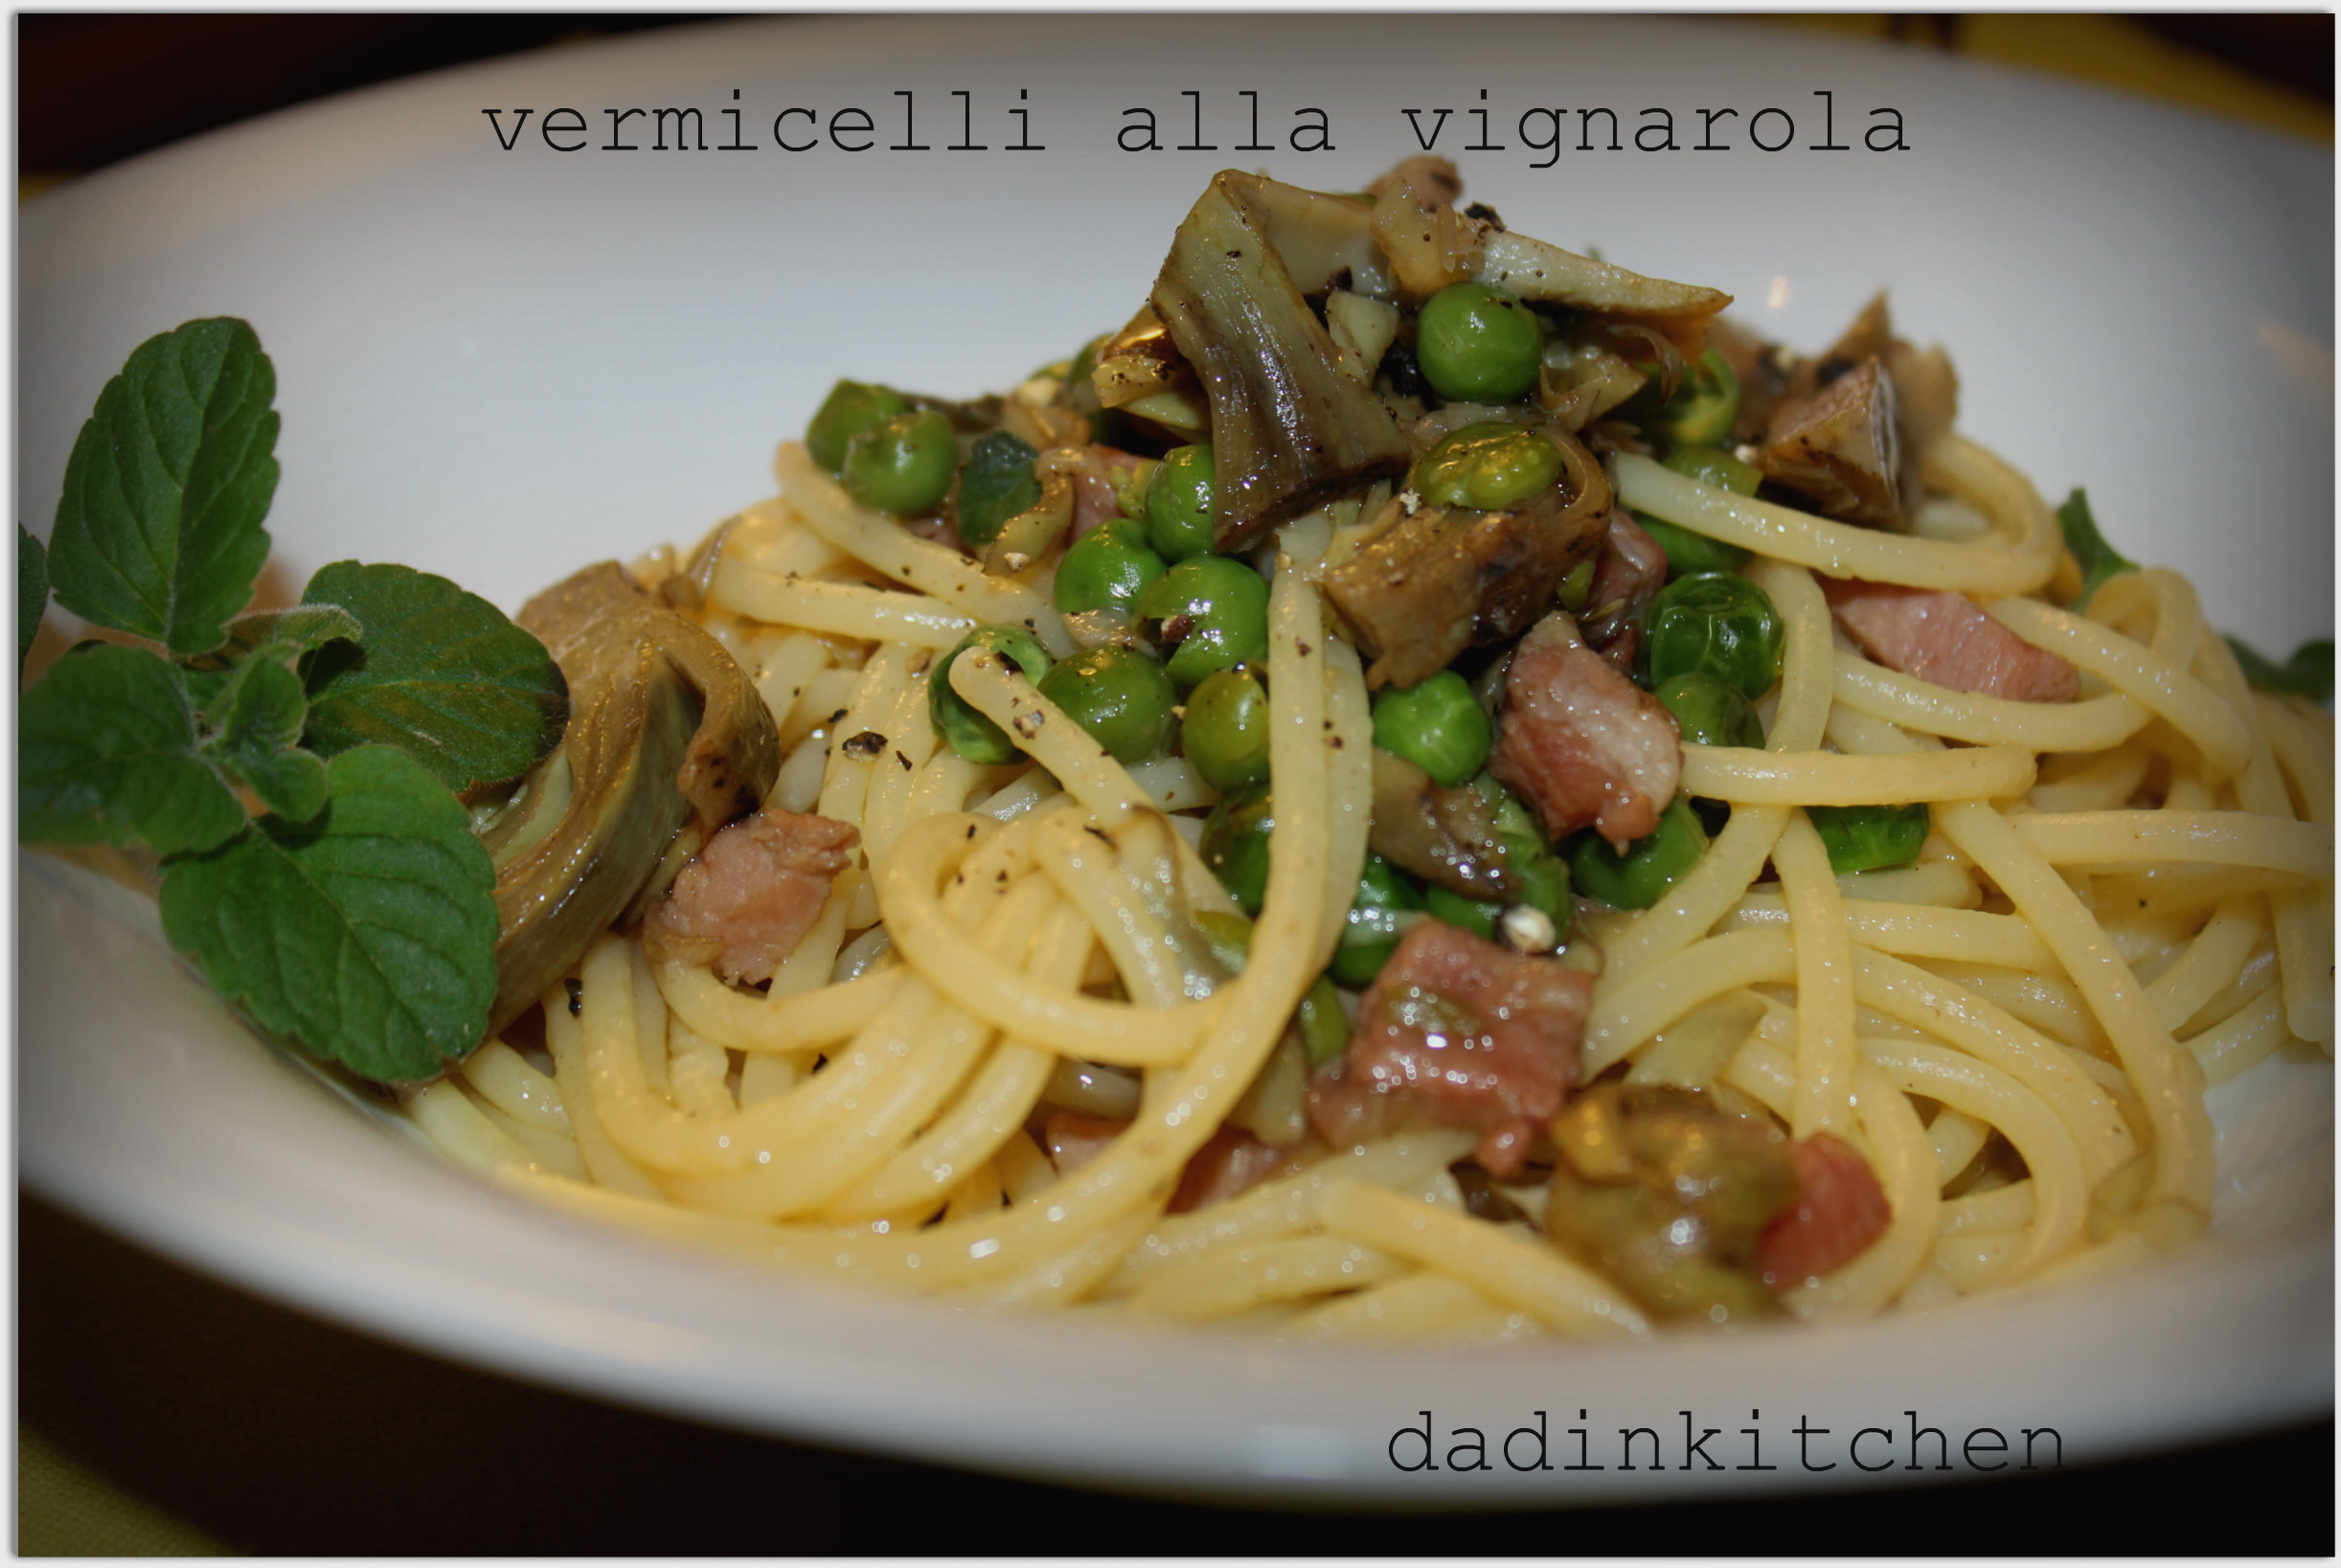 Ricetta Pasta Alla Vignarola.Vermicelli Alla Vignarola